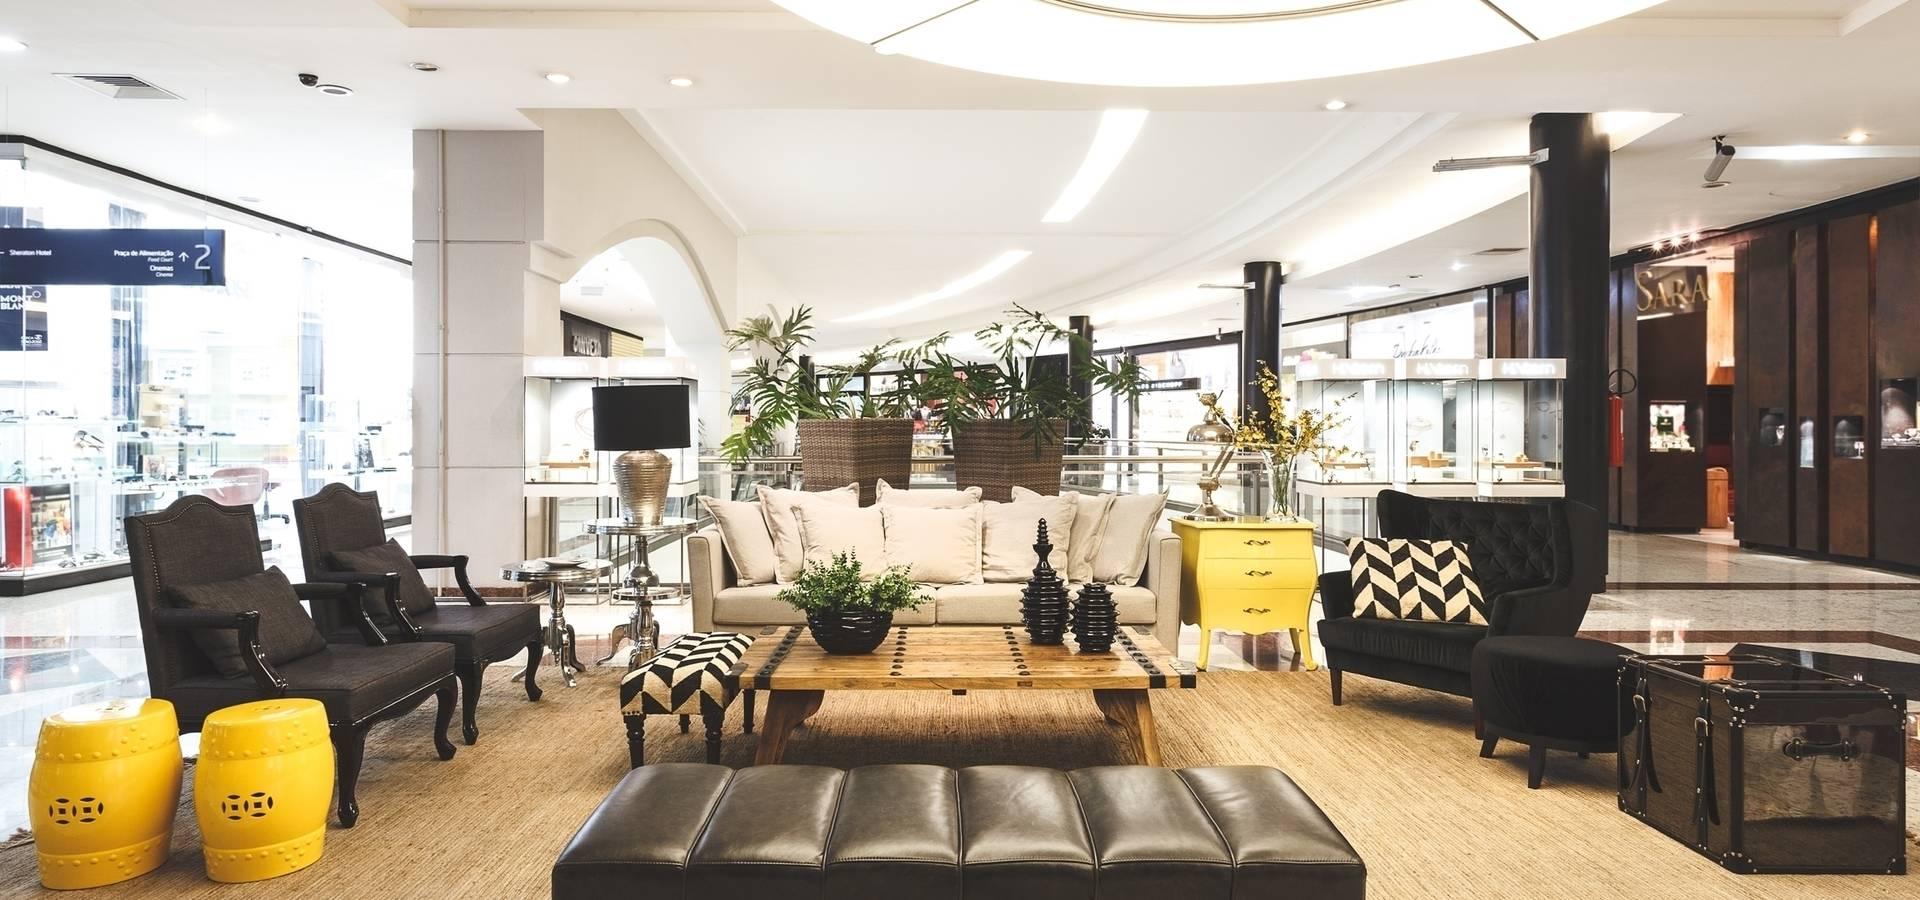 Carol Silveira Arquitetura e Interiores